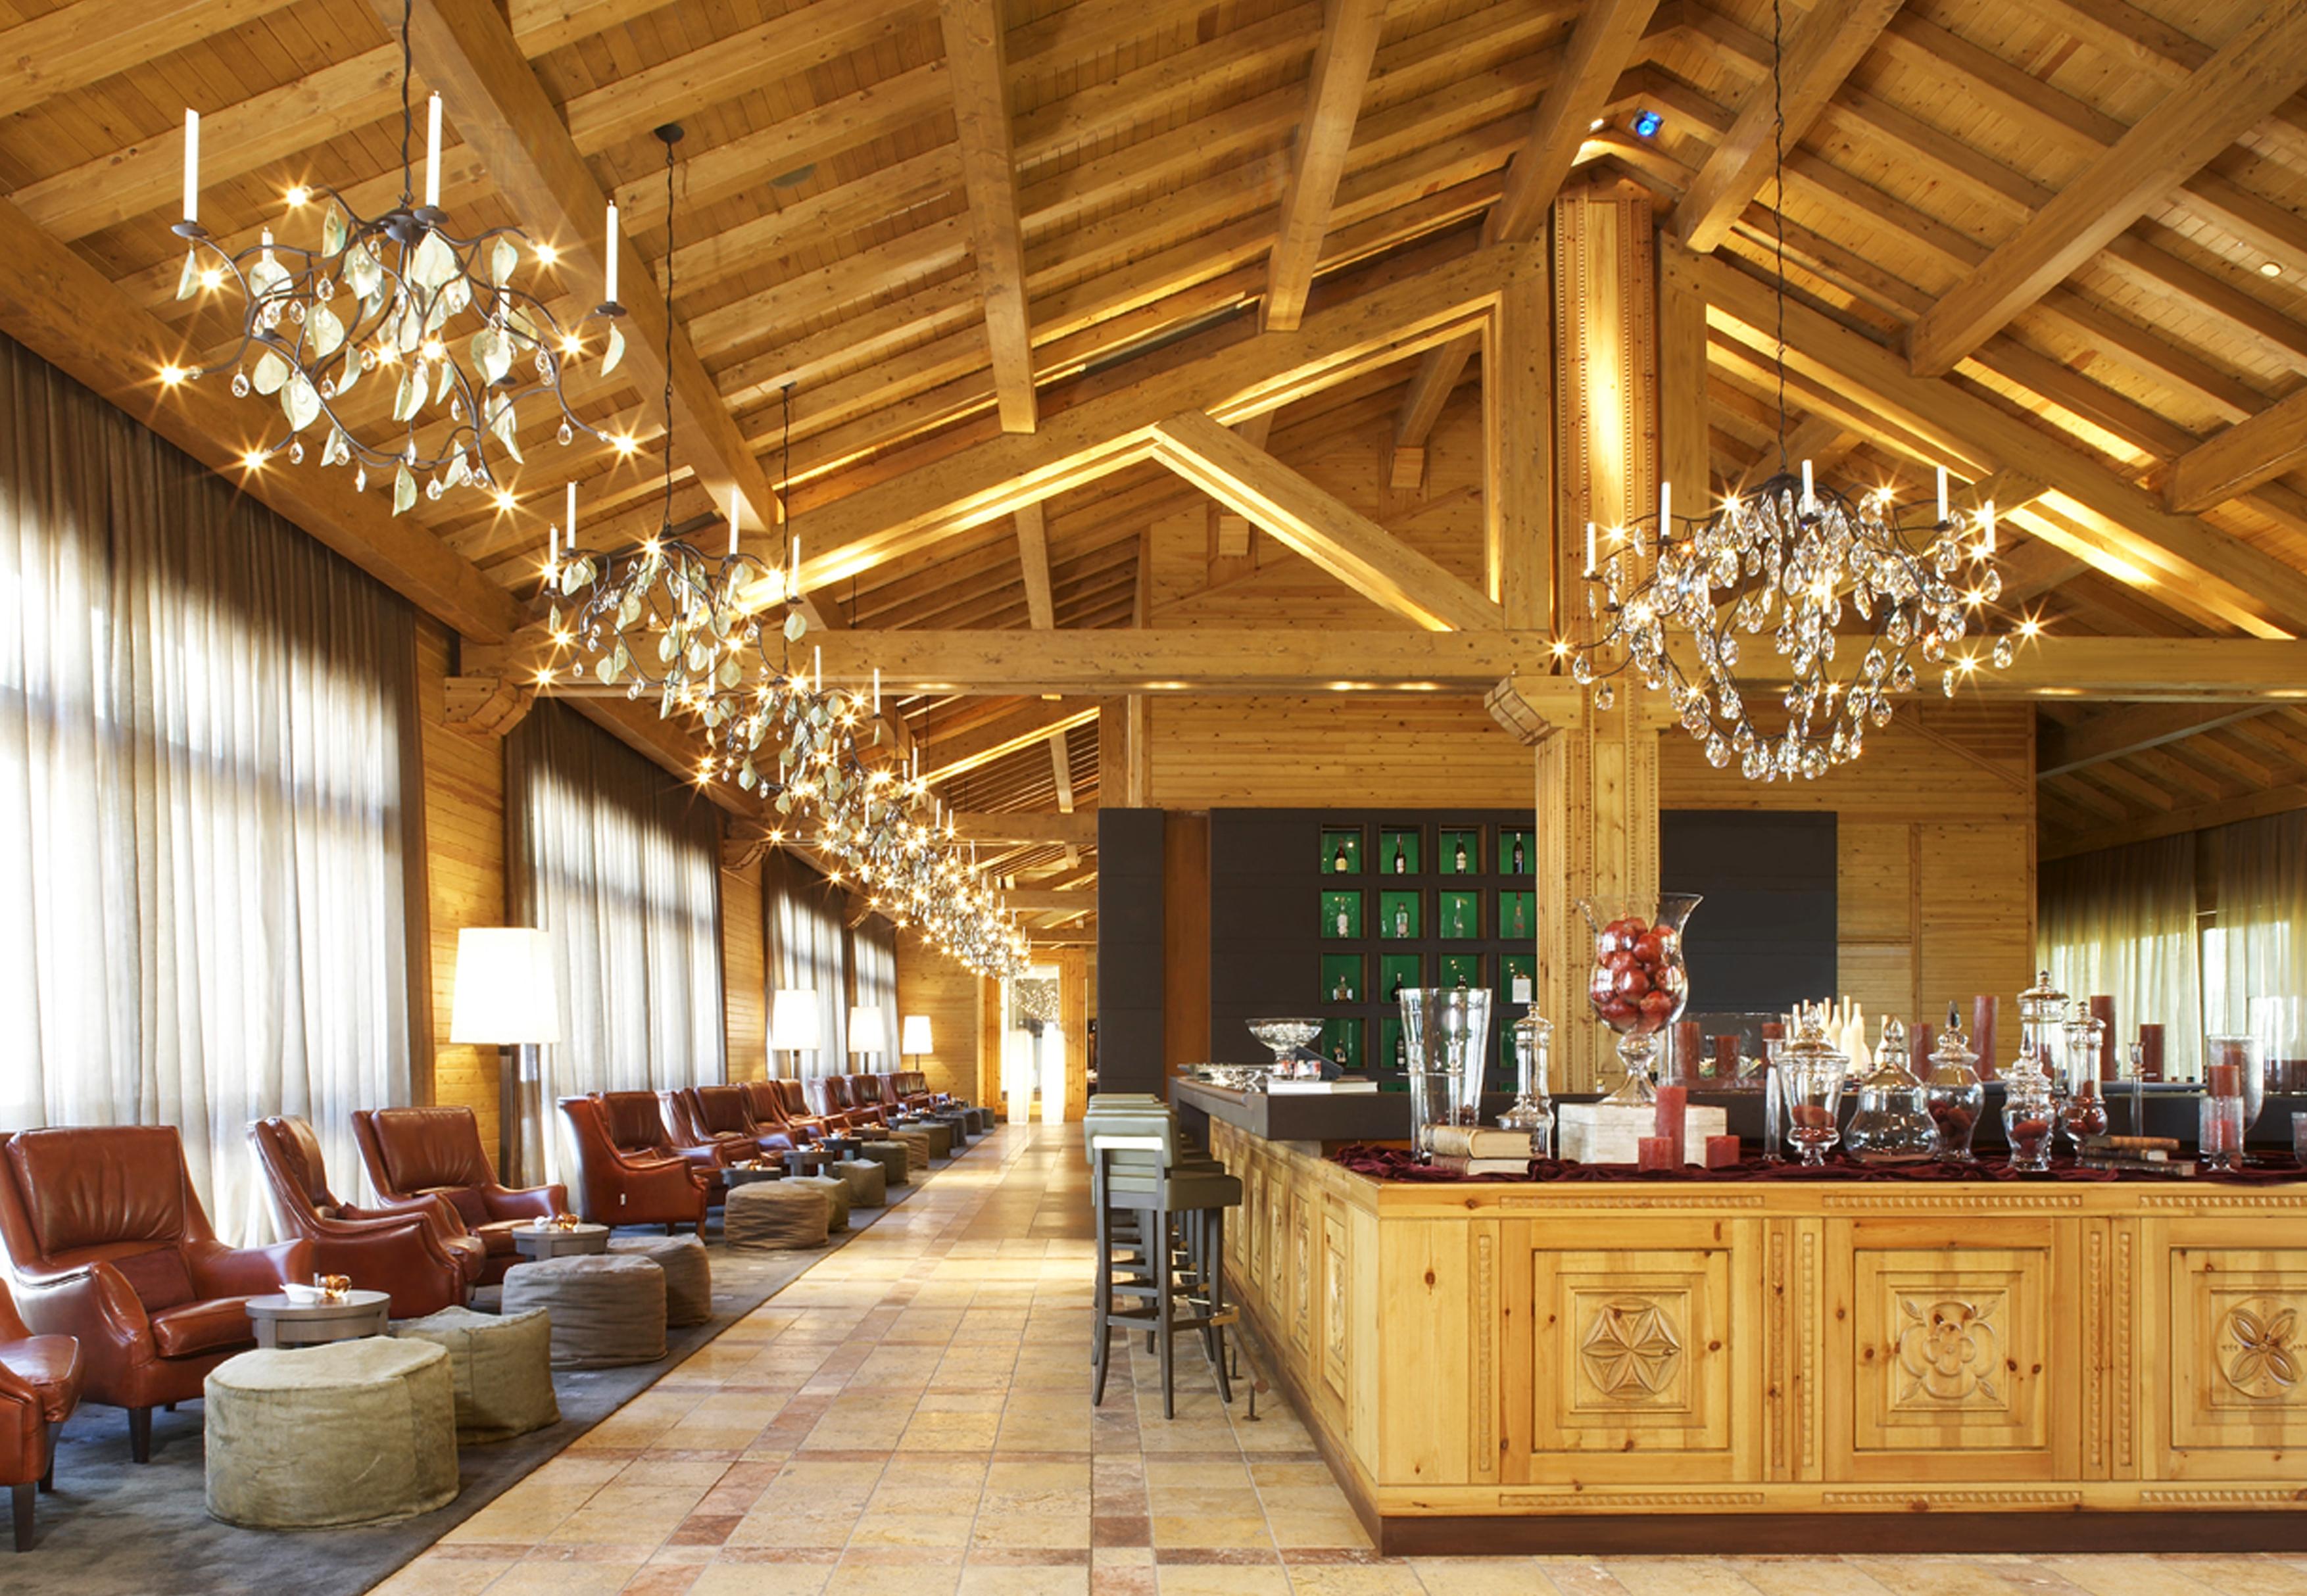 La d couverte du sport h tel hermitage spa palace express - Hotel de montagne suisse ...